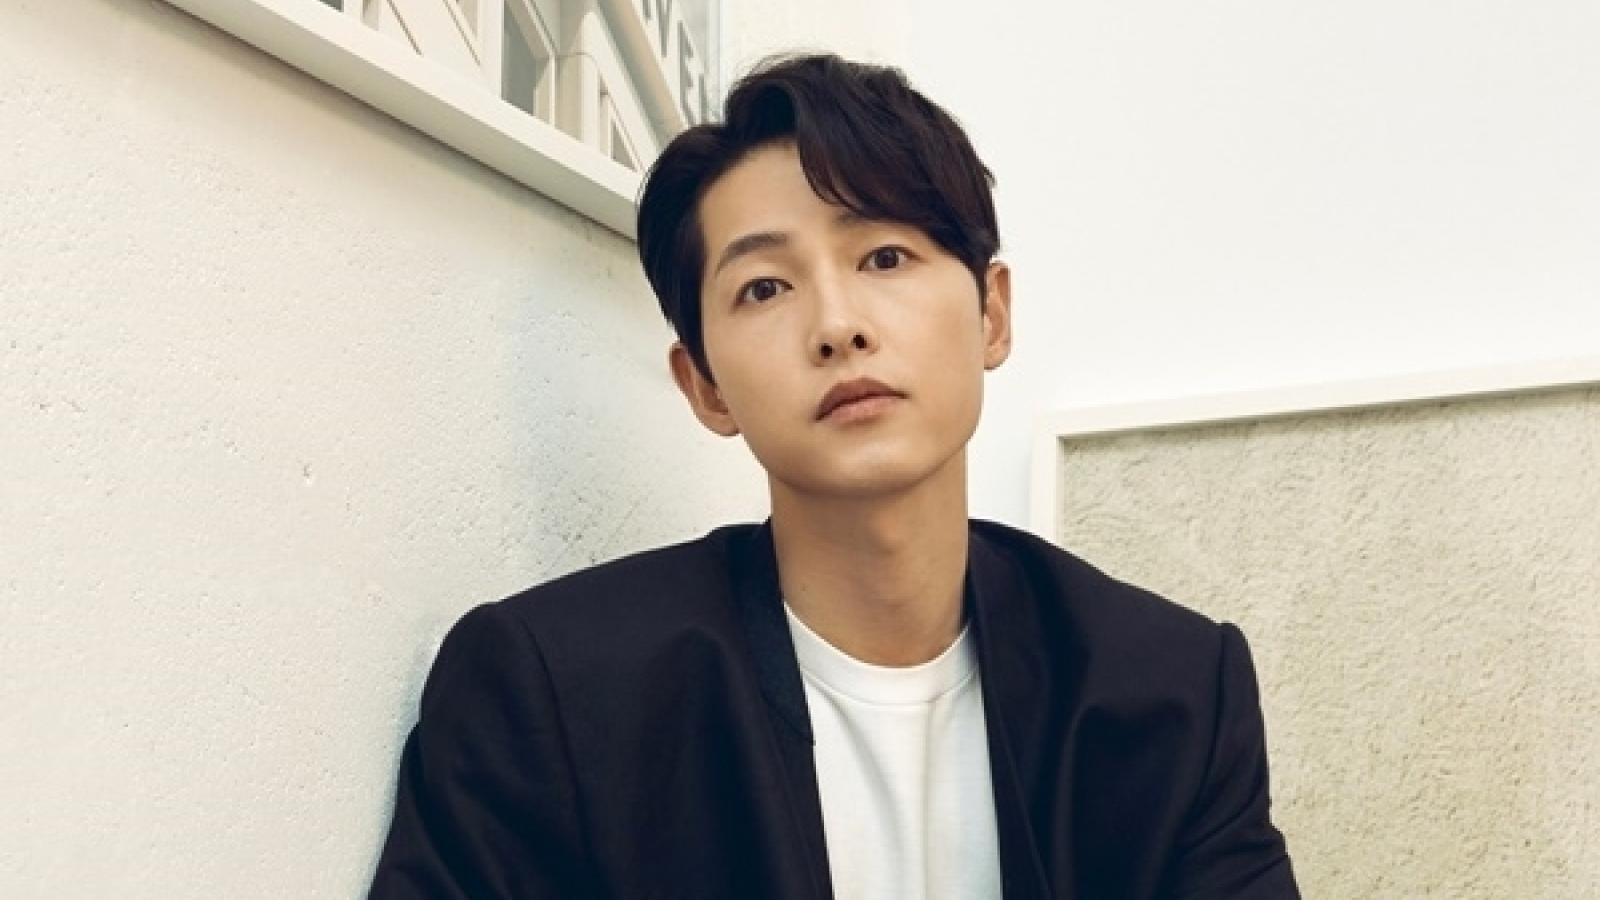 """Sau """"trùm mafia"""" Vincezo, Song Joong Ki hoá thân thành con trai nhà tài phiệt"""